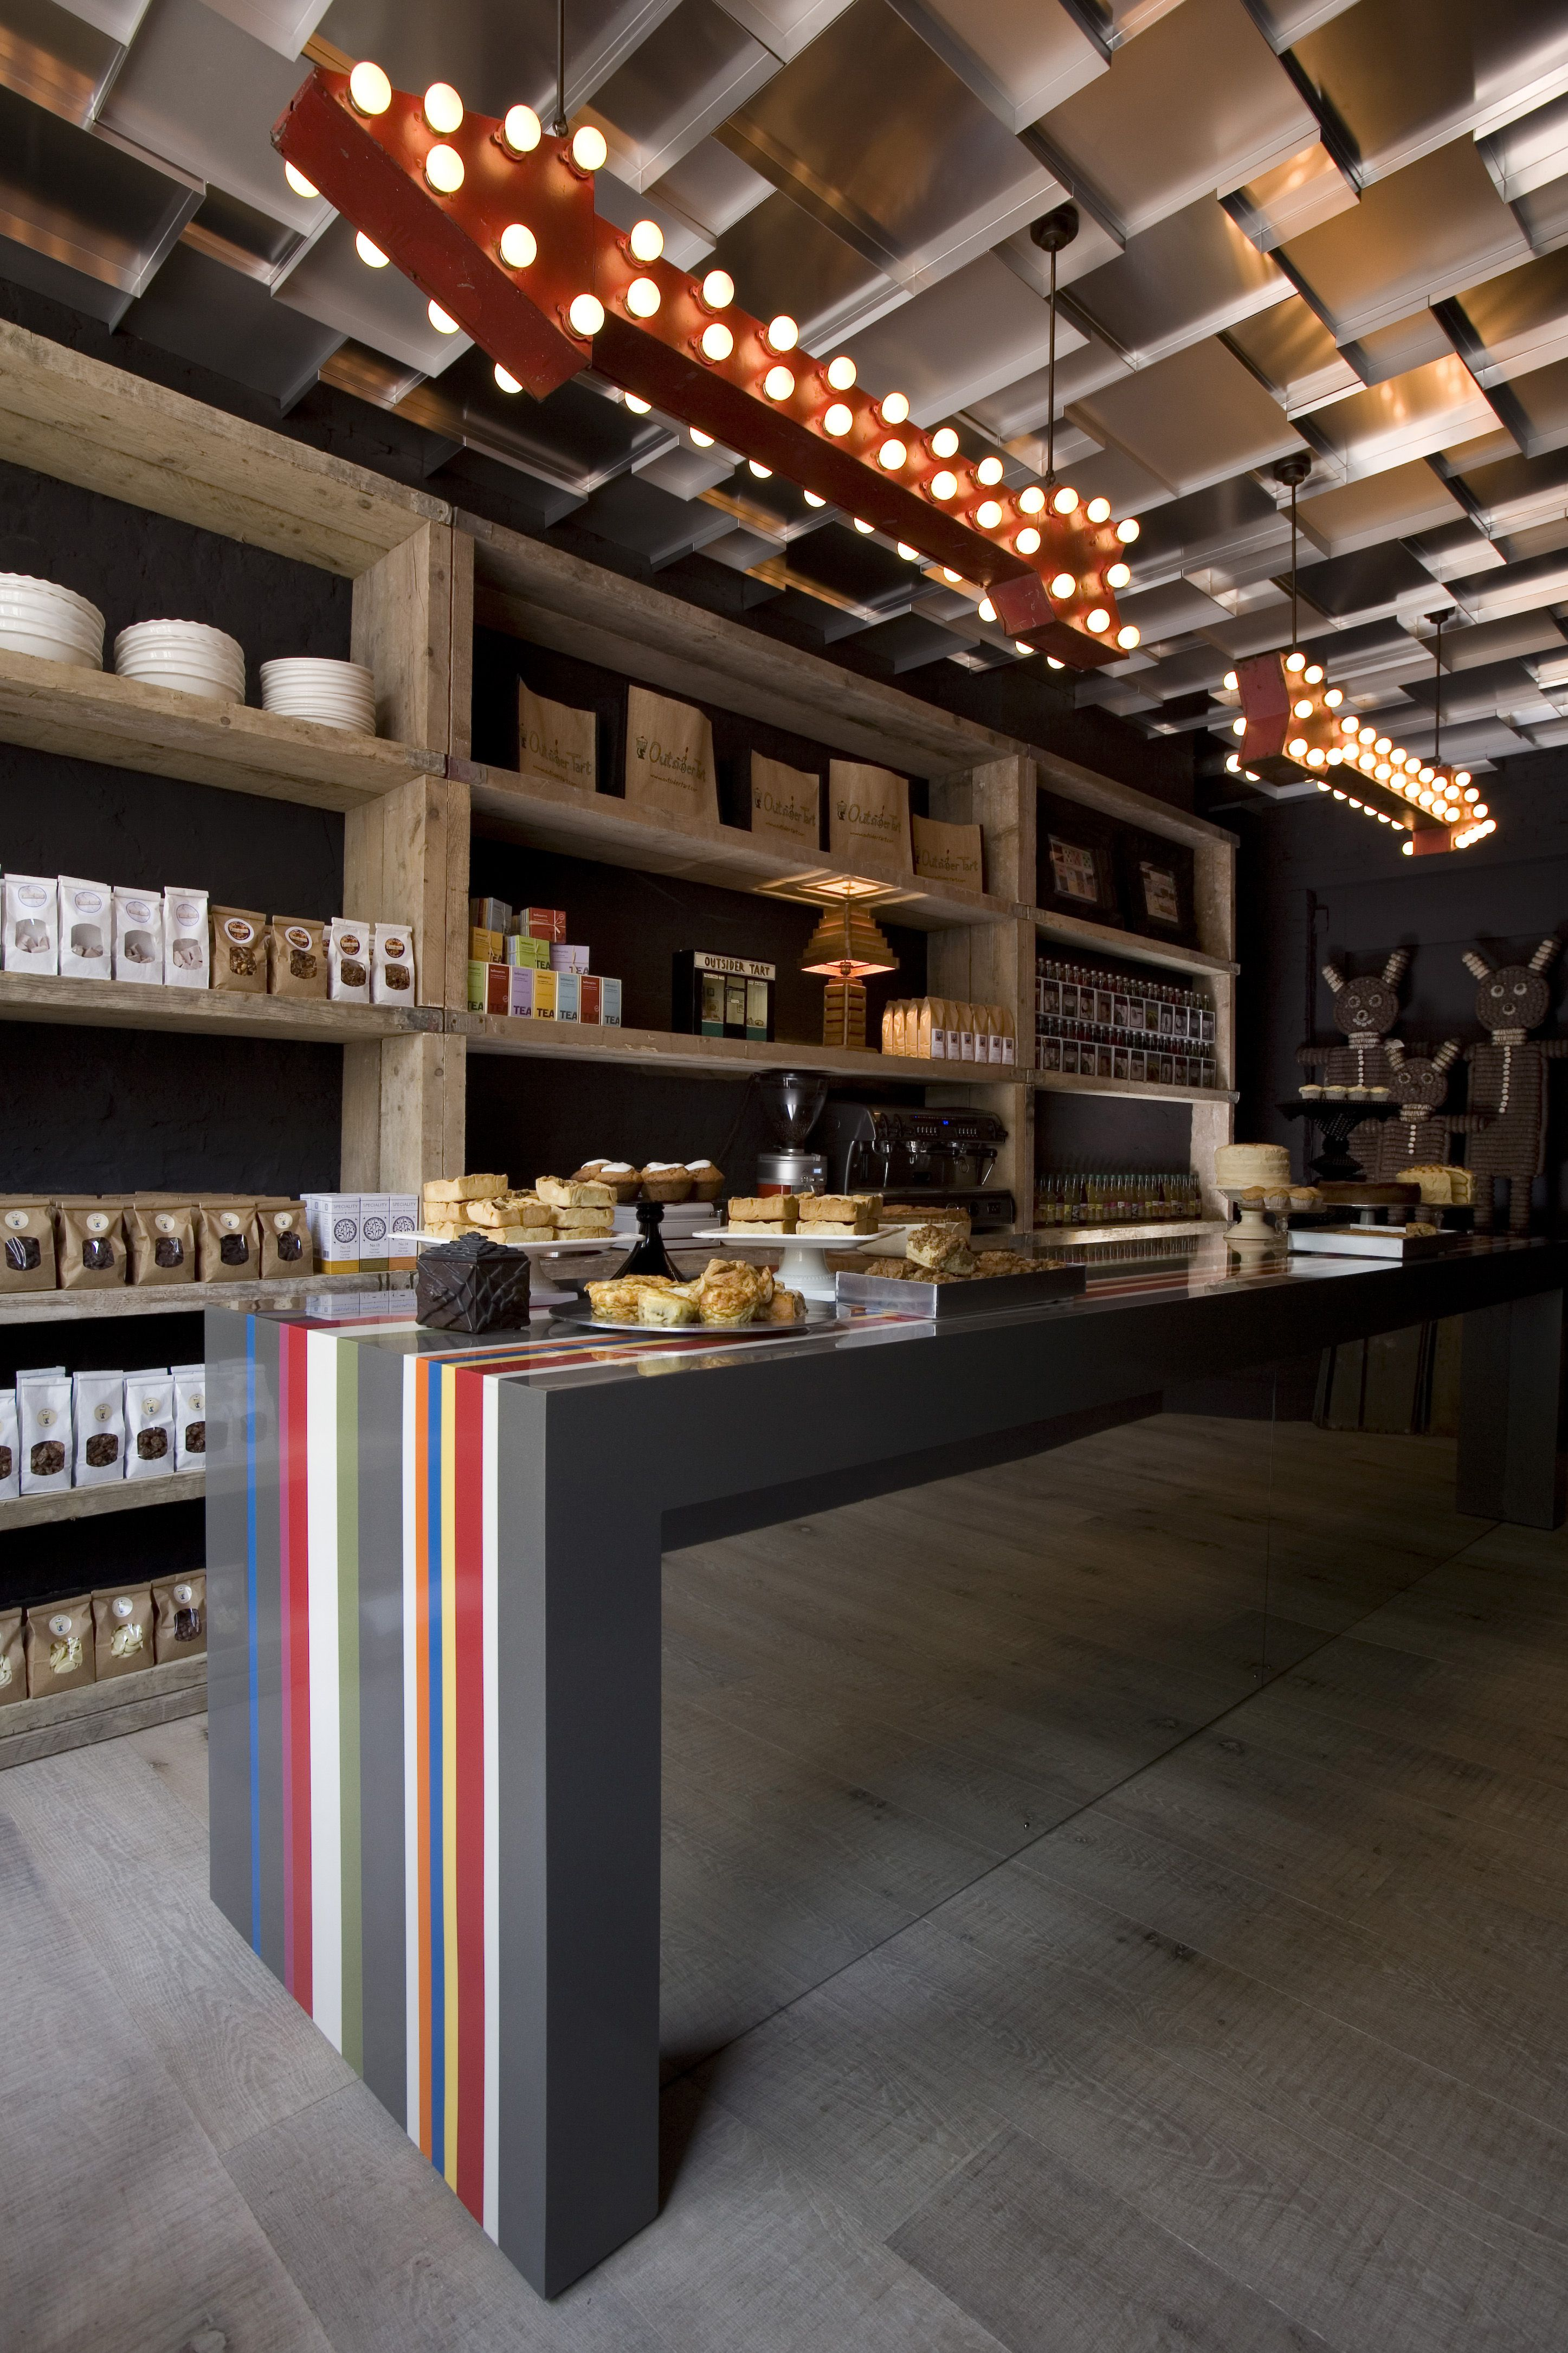 Strurdey shelves modern colour scheme funky lights cafe design store design restaurant design